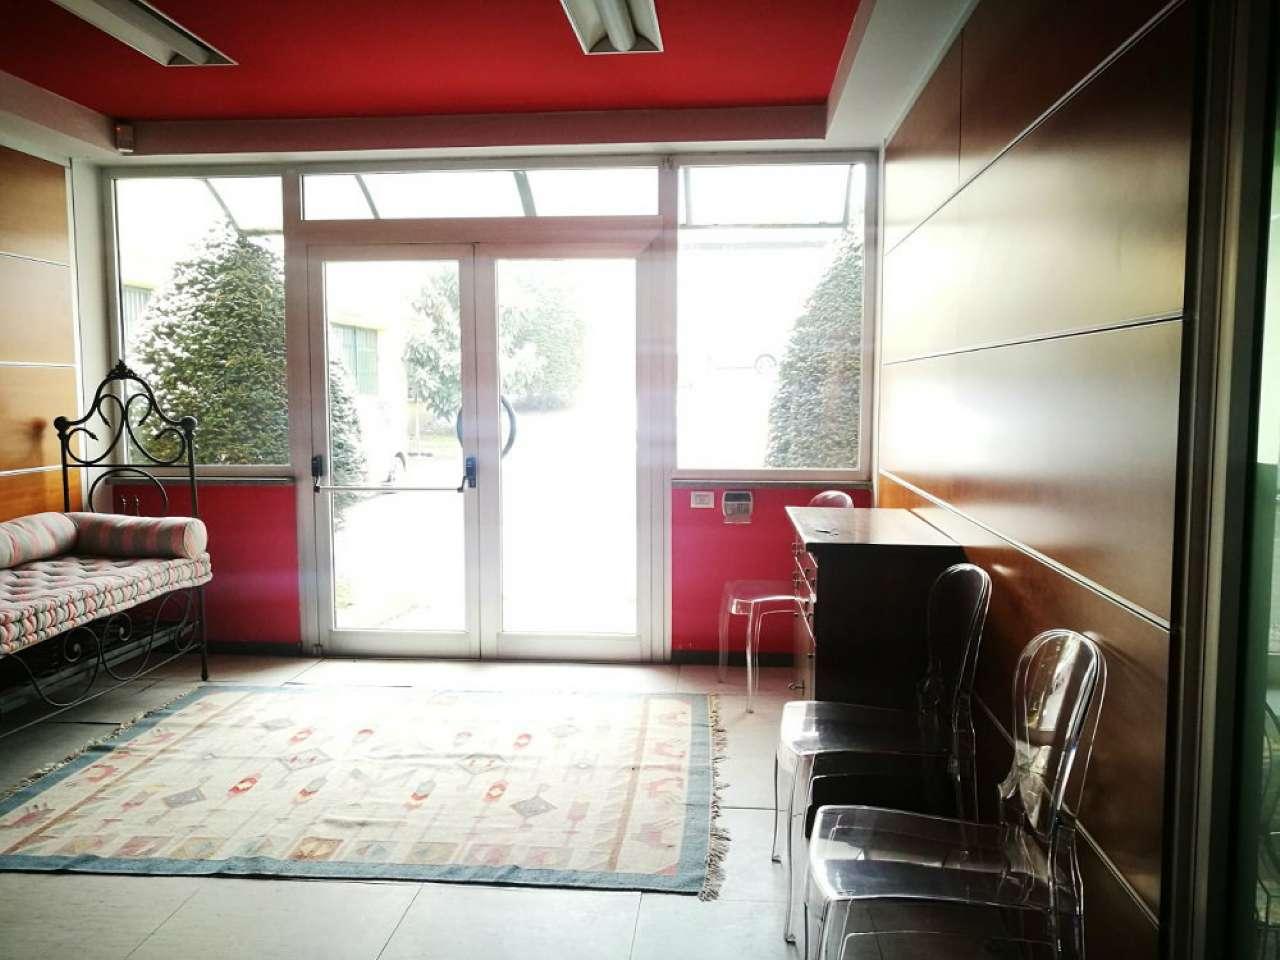 Capannone in affitto a Moncalieri, 9 locali, prezzo € 1.600   CambioCasa.it